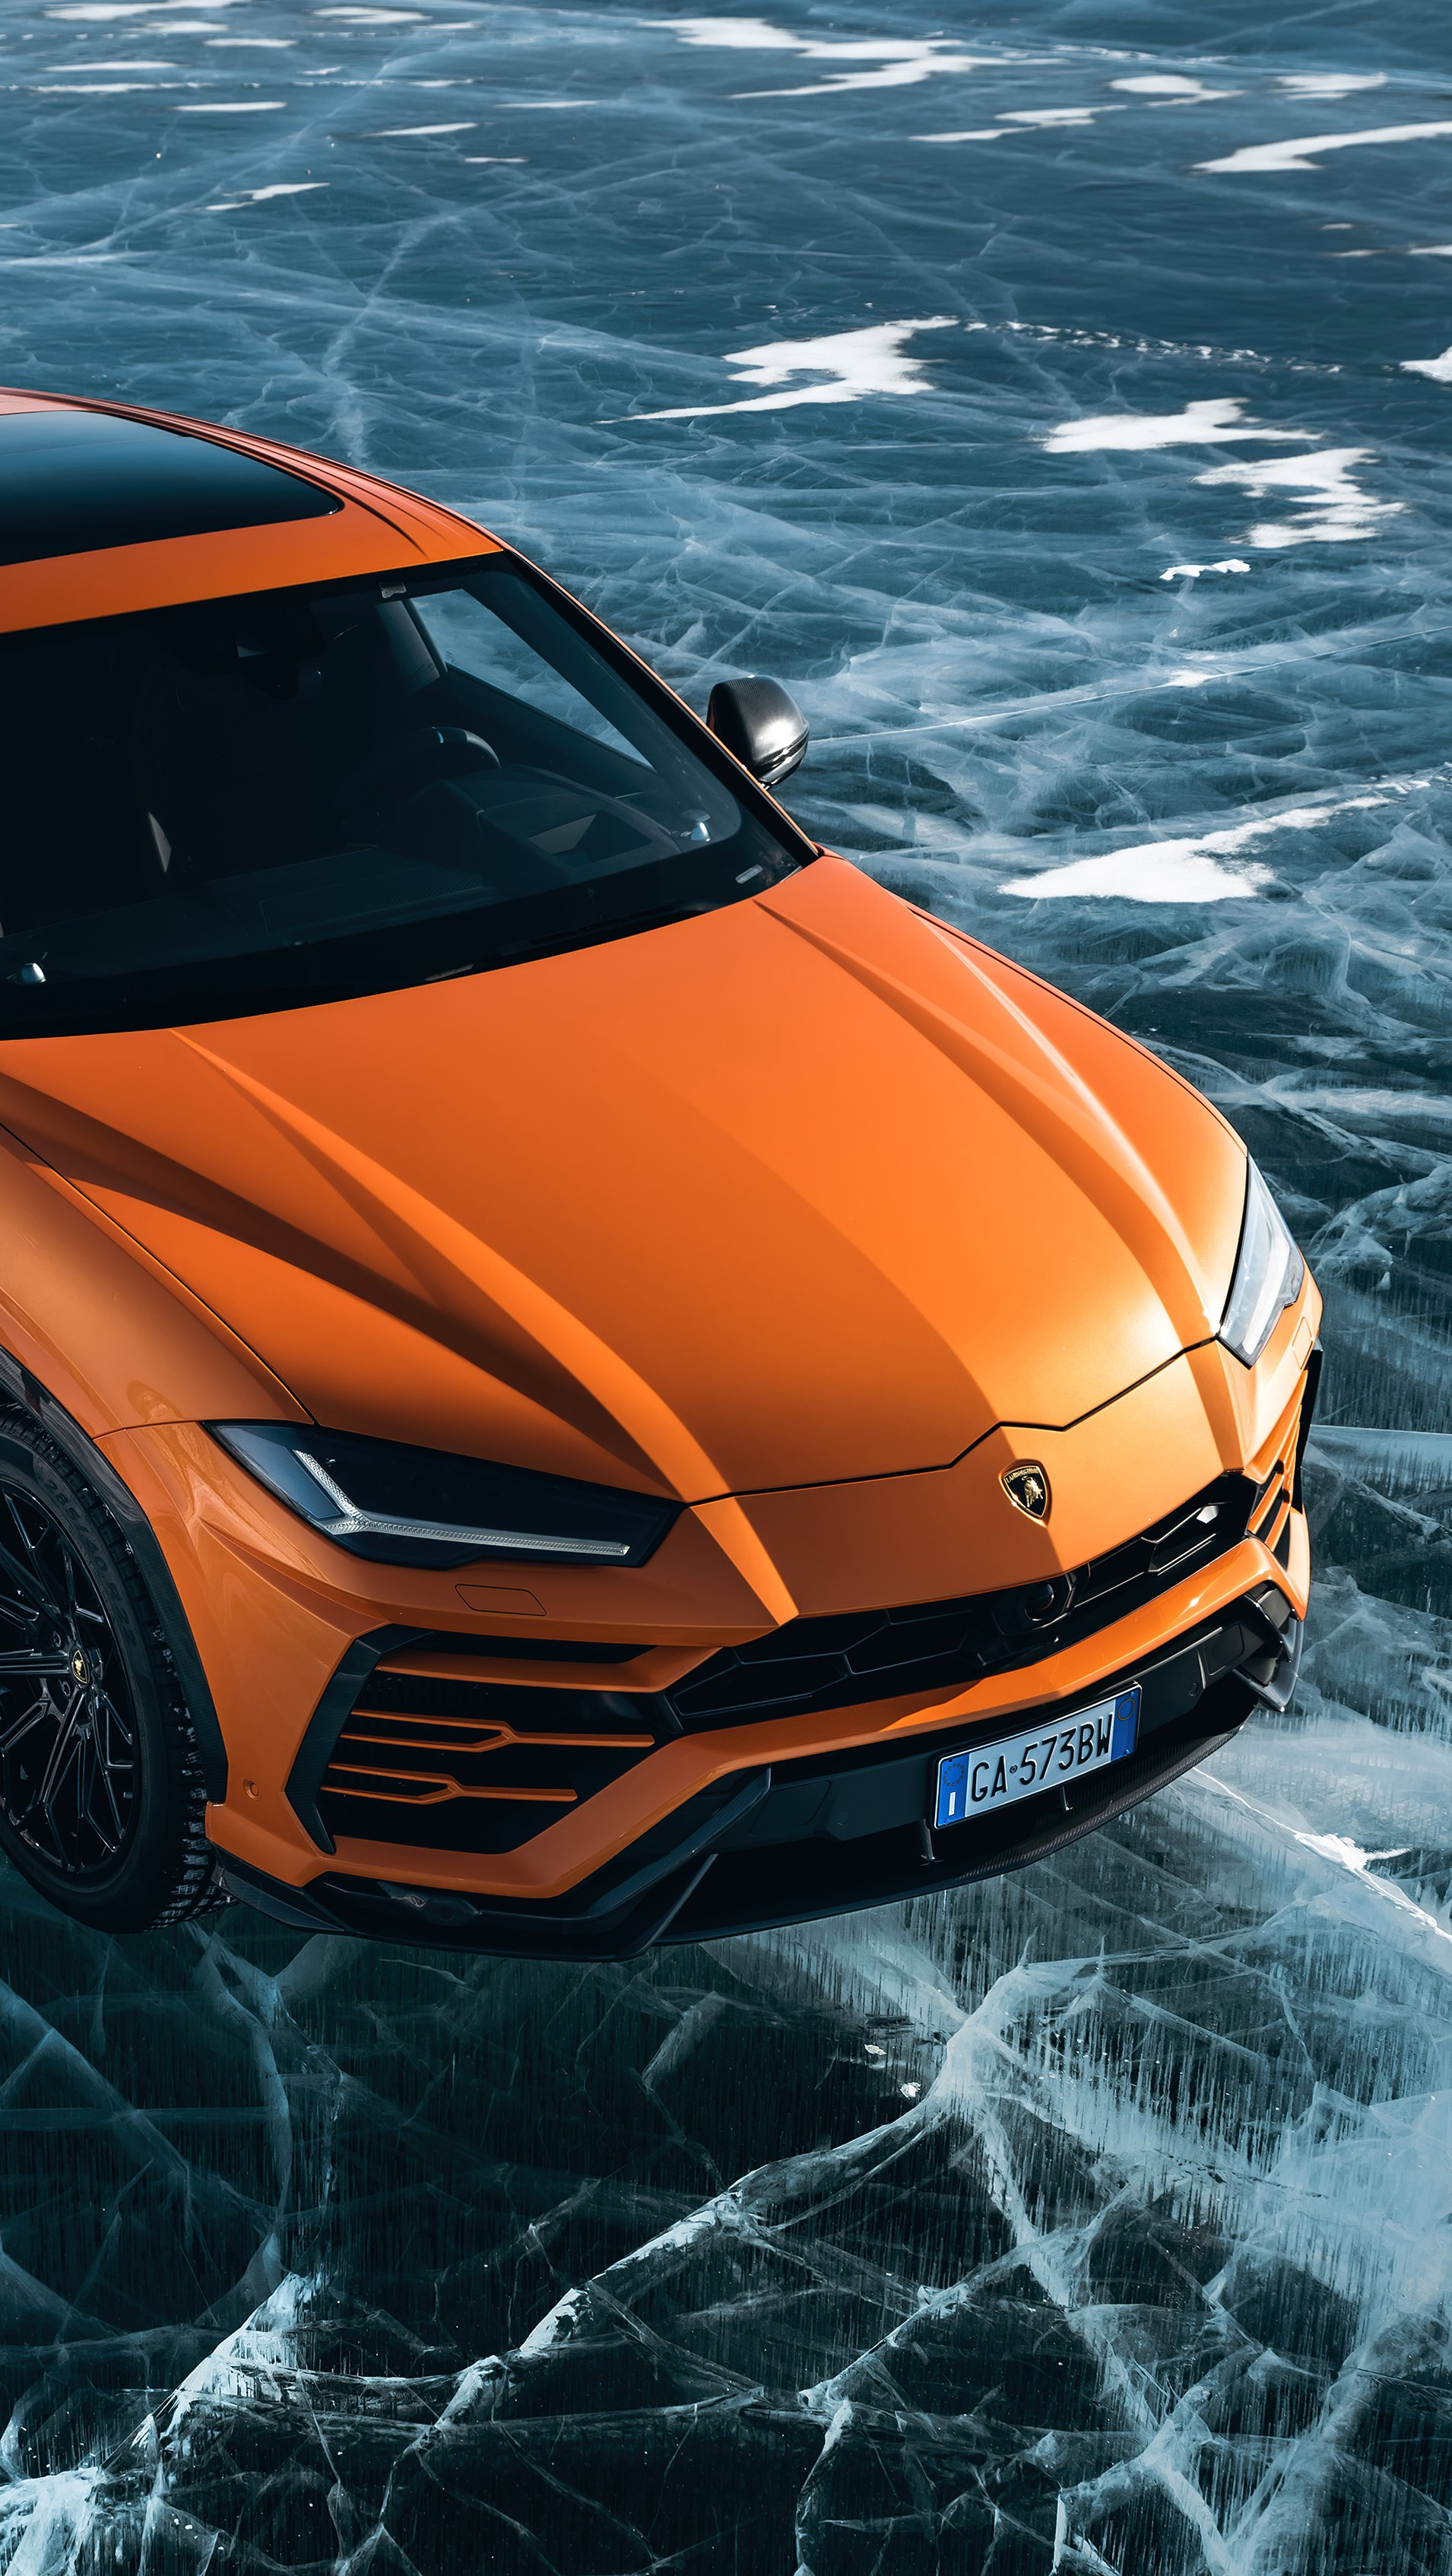 Wallpaper Lamborghini Urus Pearl Capsule Vertical